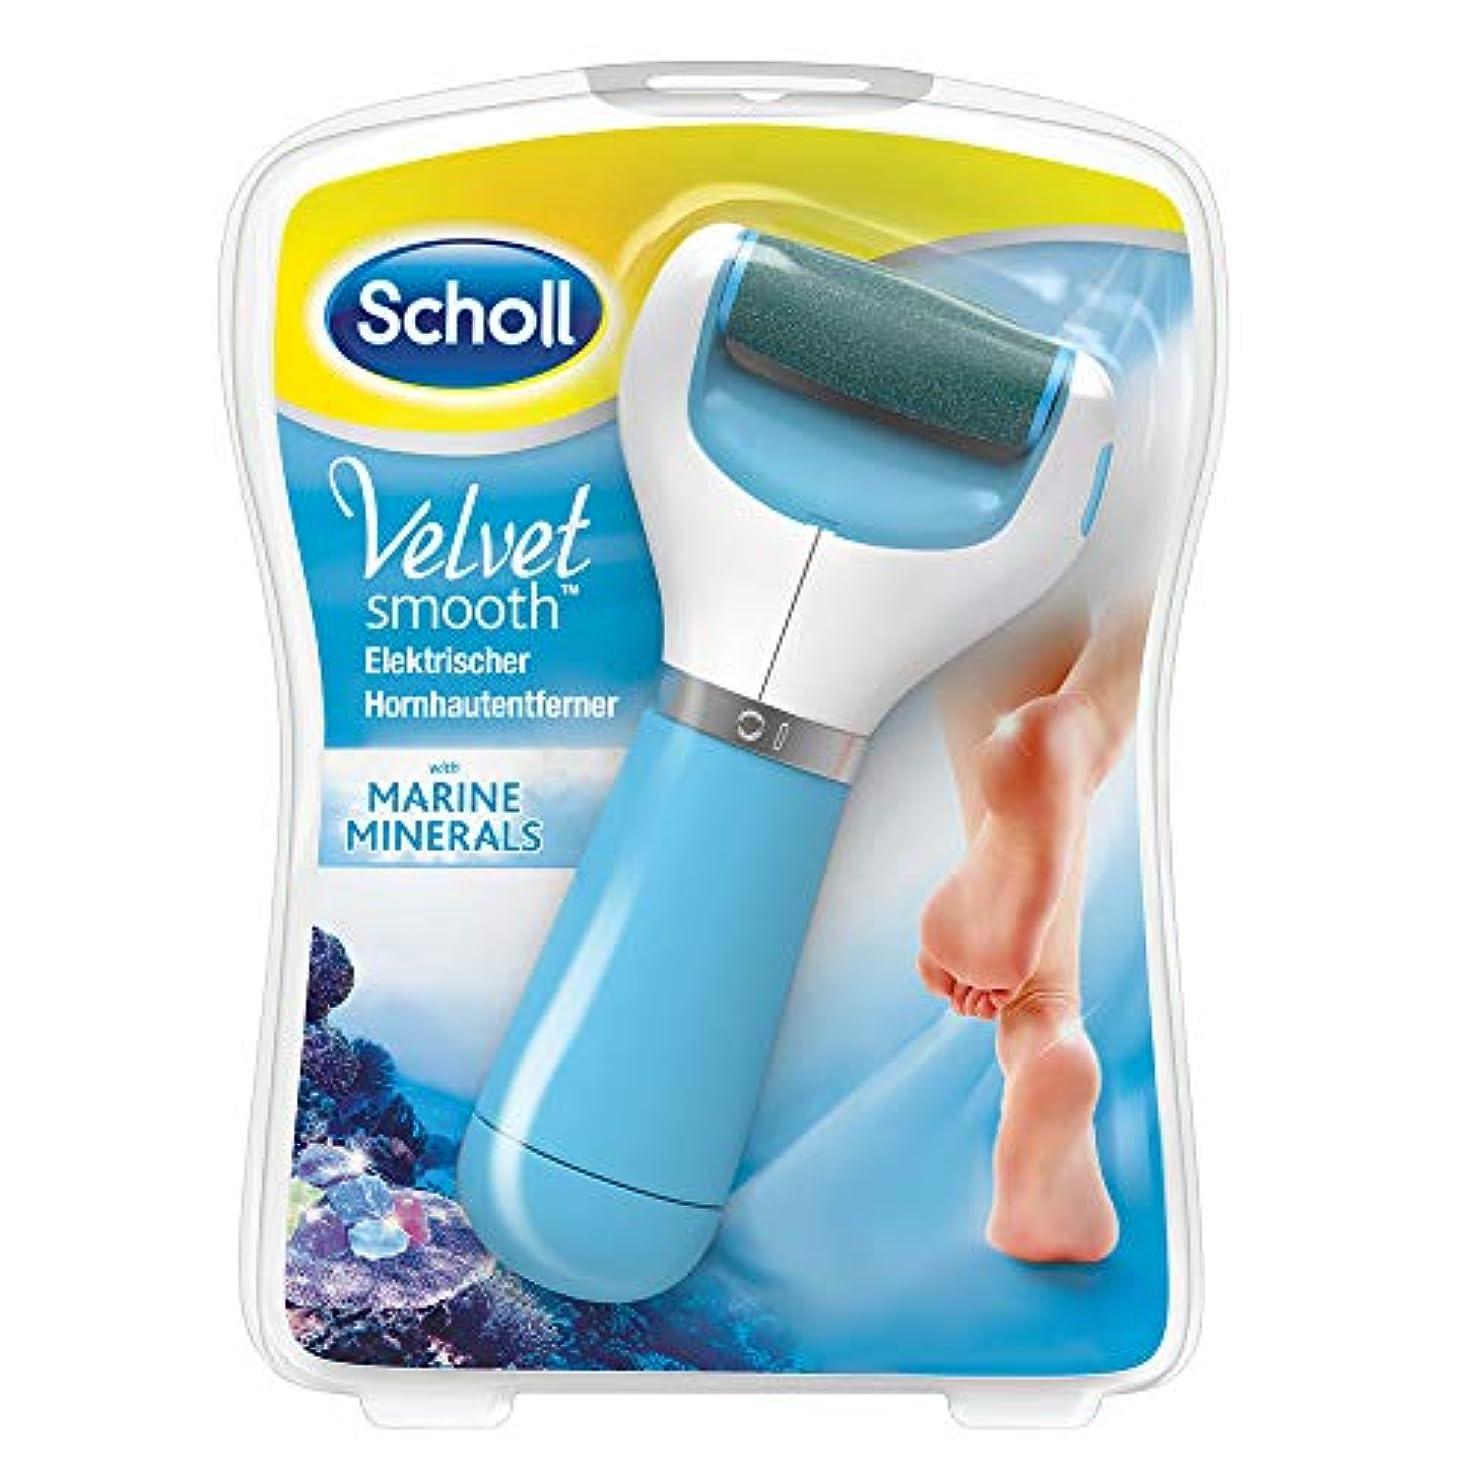 財布富科学者(ショール) Scholl ベルベットスムーズ 電動角質リムーバー ダイヤモンド(Velvet Smooth Electronic Foot File Diamond) [並行輸入品]